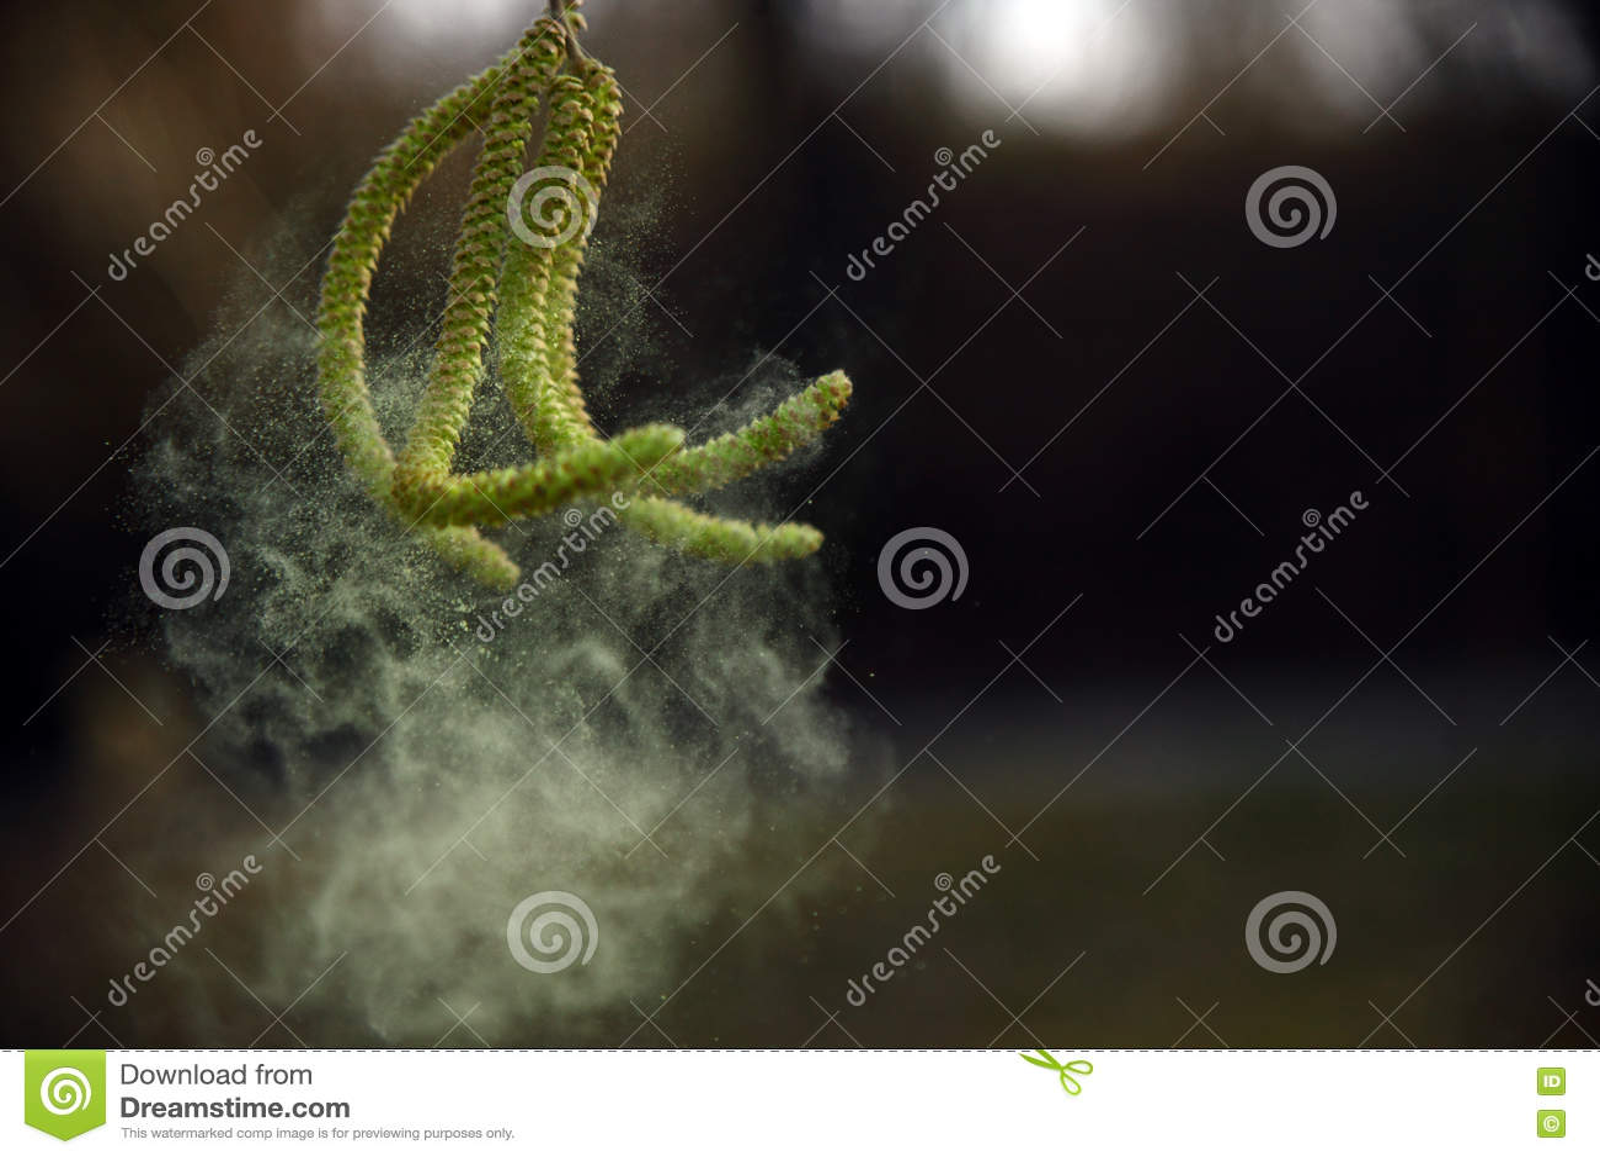 Amentilhos côr de avelã e dança do pólen no vento